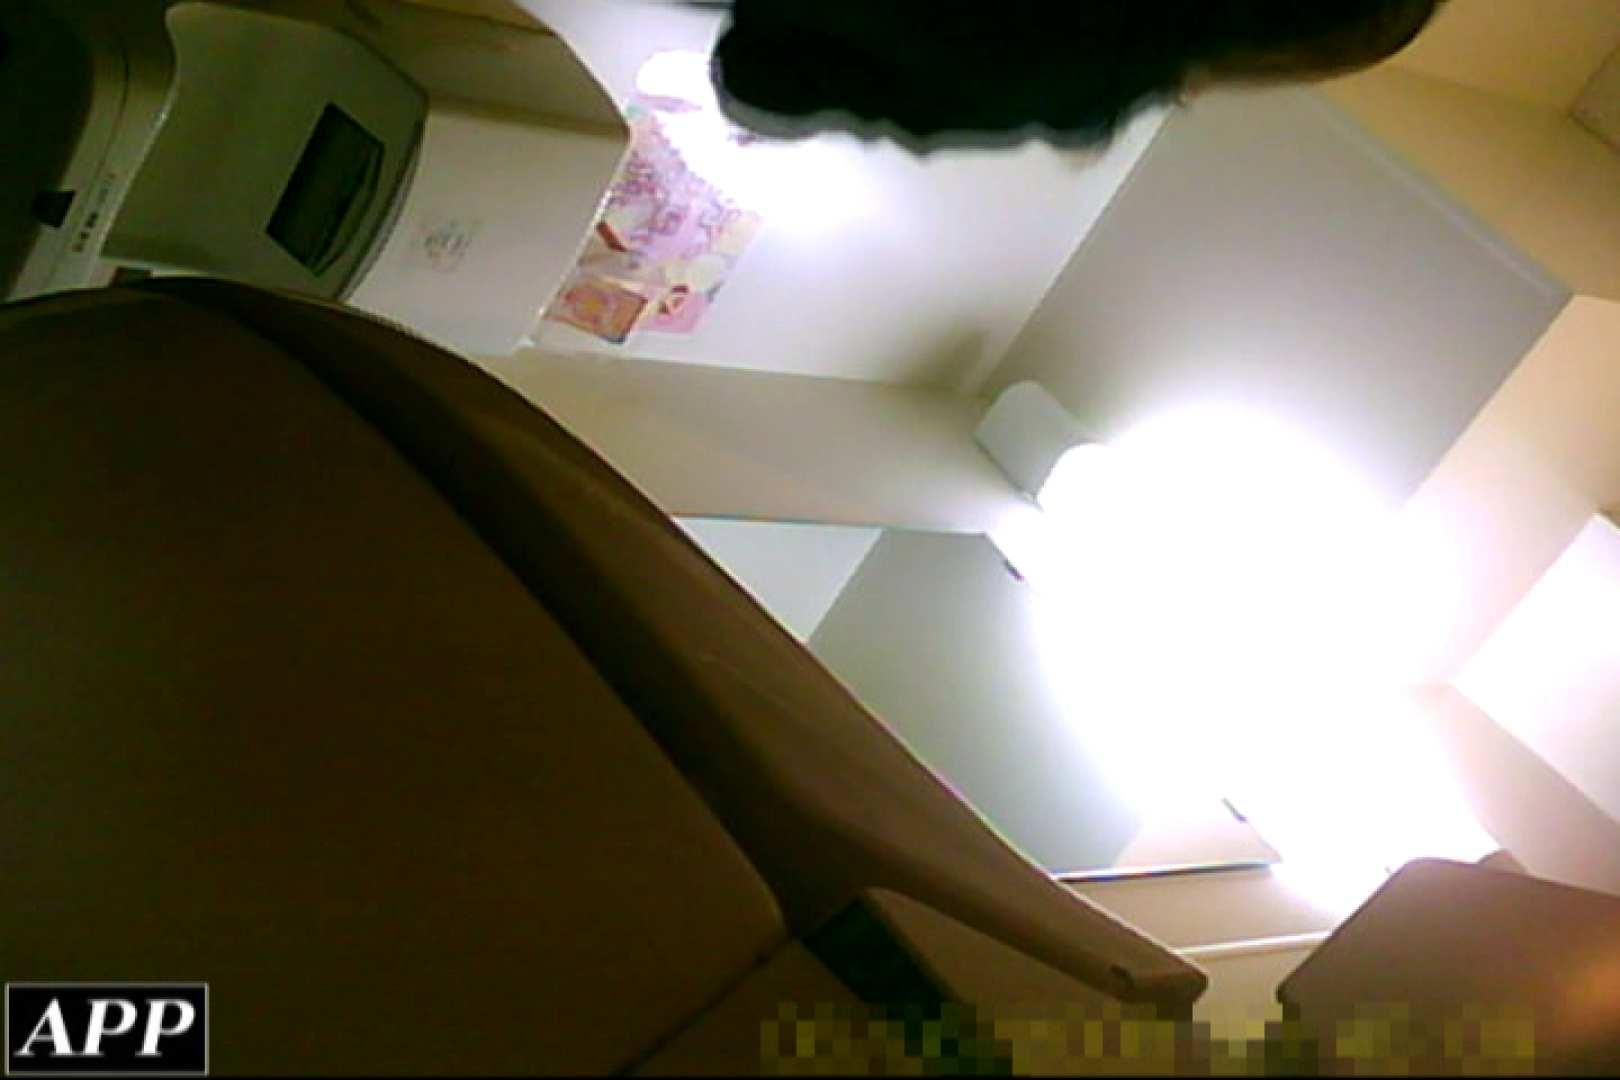 3視点洗面所 vol.61 マンコ オマンコ無修正動画無料 84画像 75